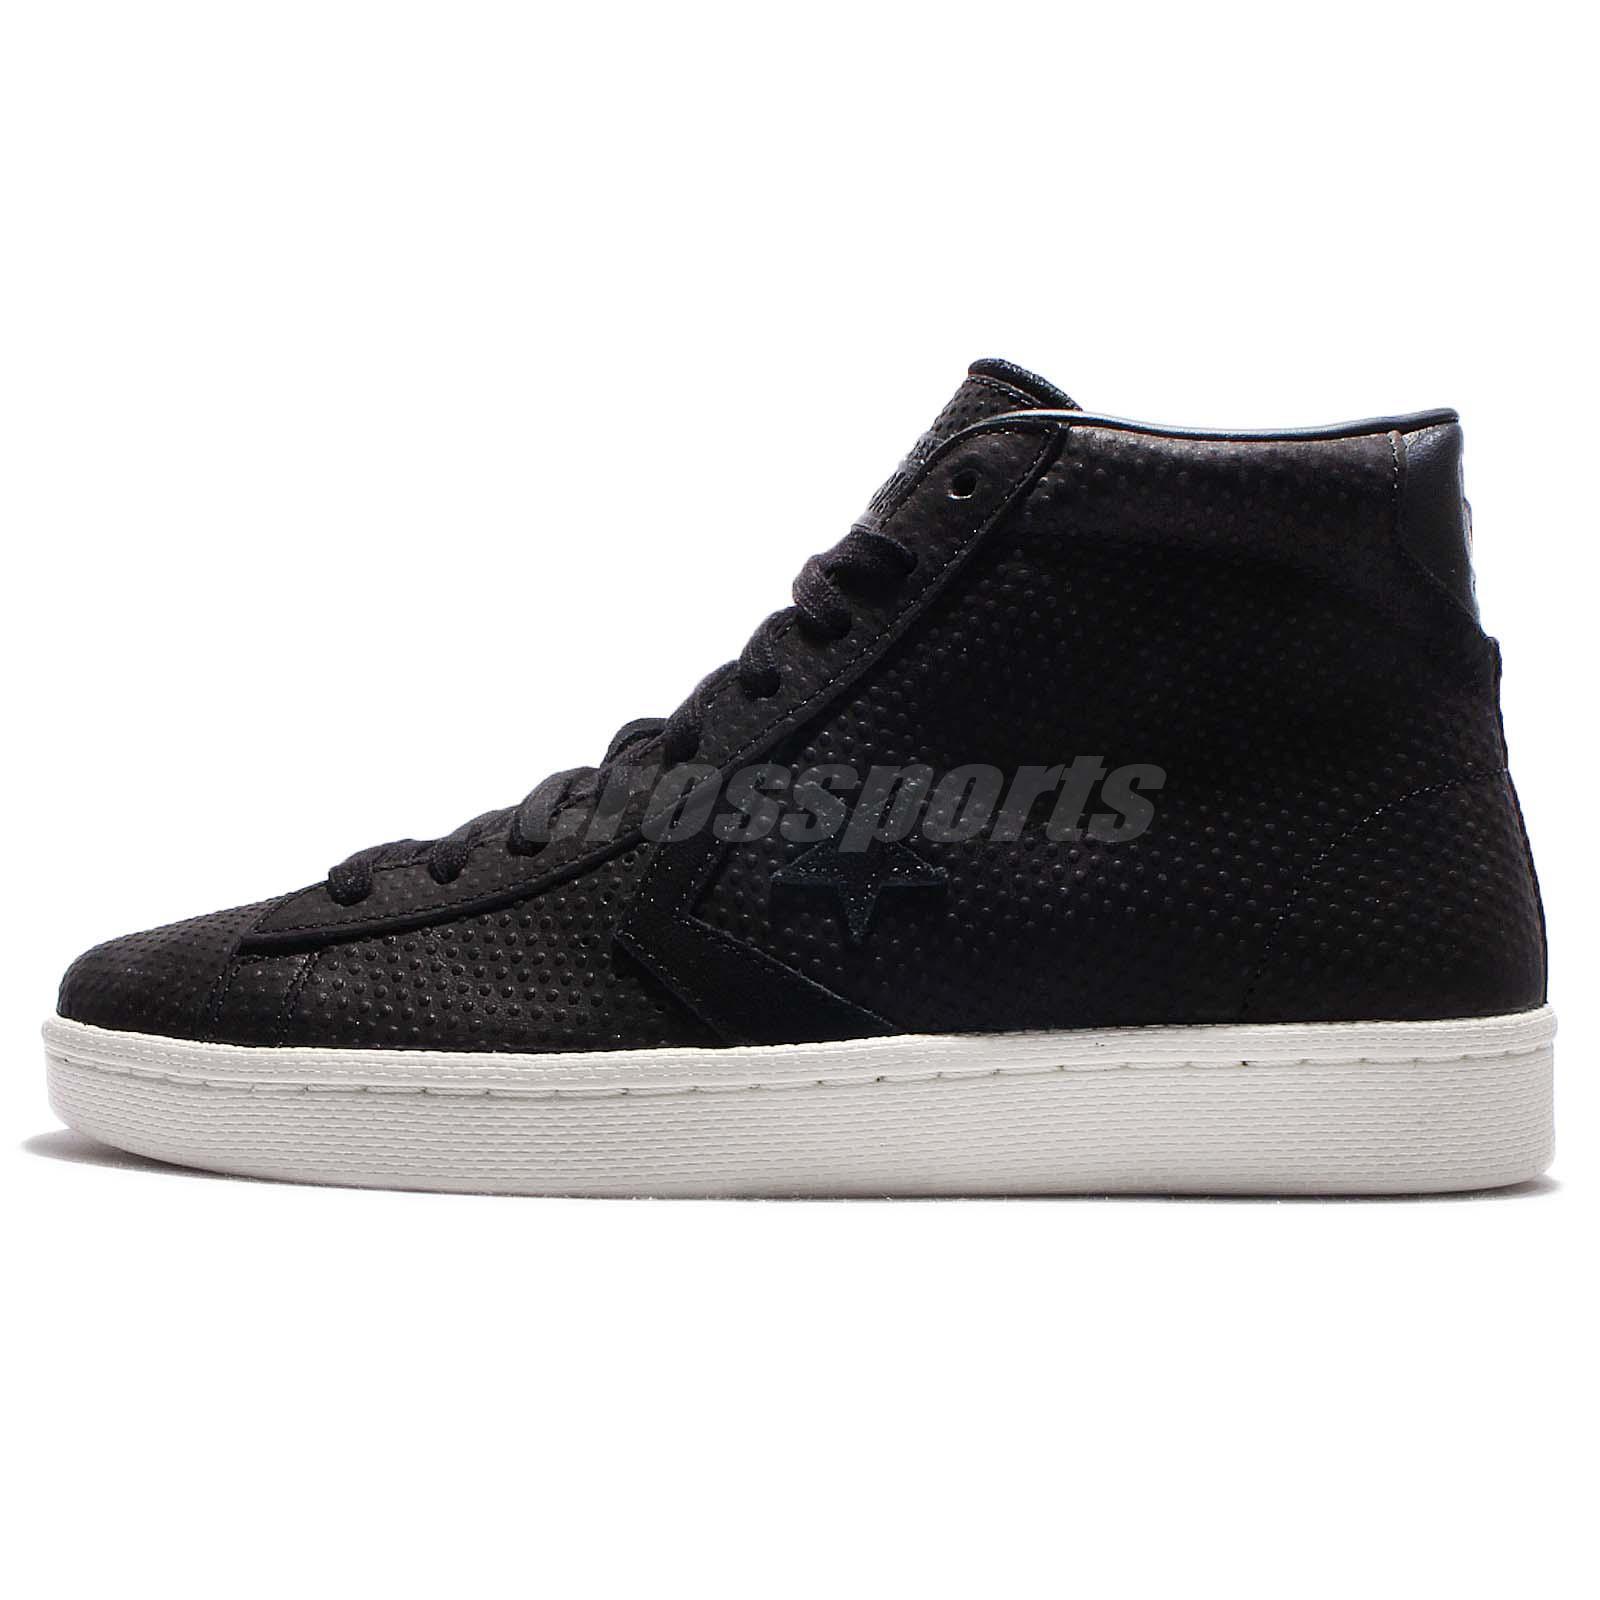 Converse Leather Pro Casual Men Shoes 76 White Black Pl rUqfwr